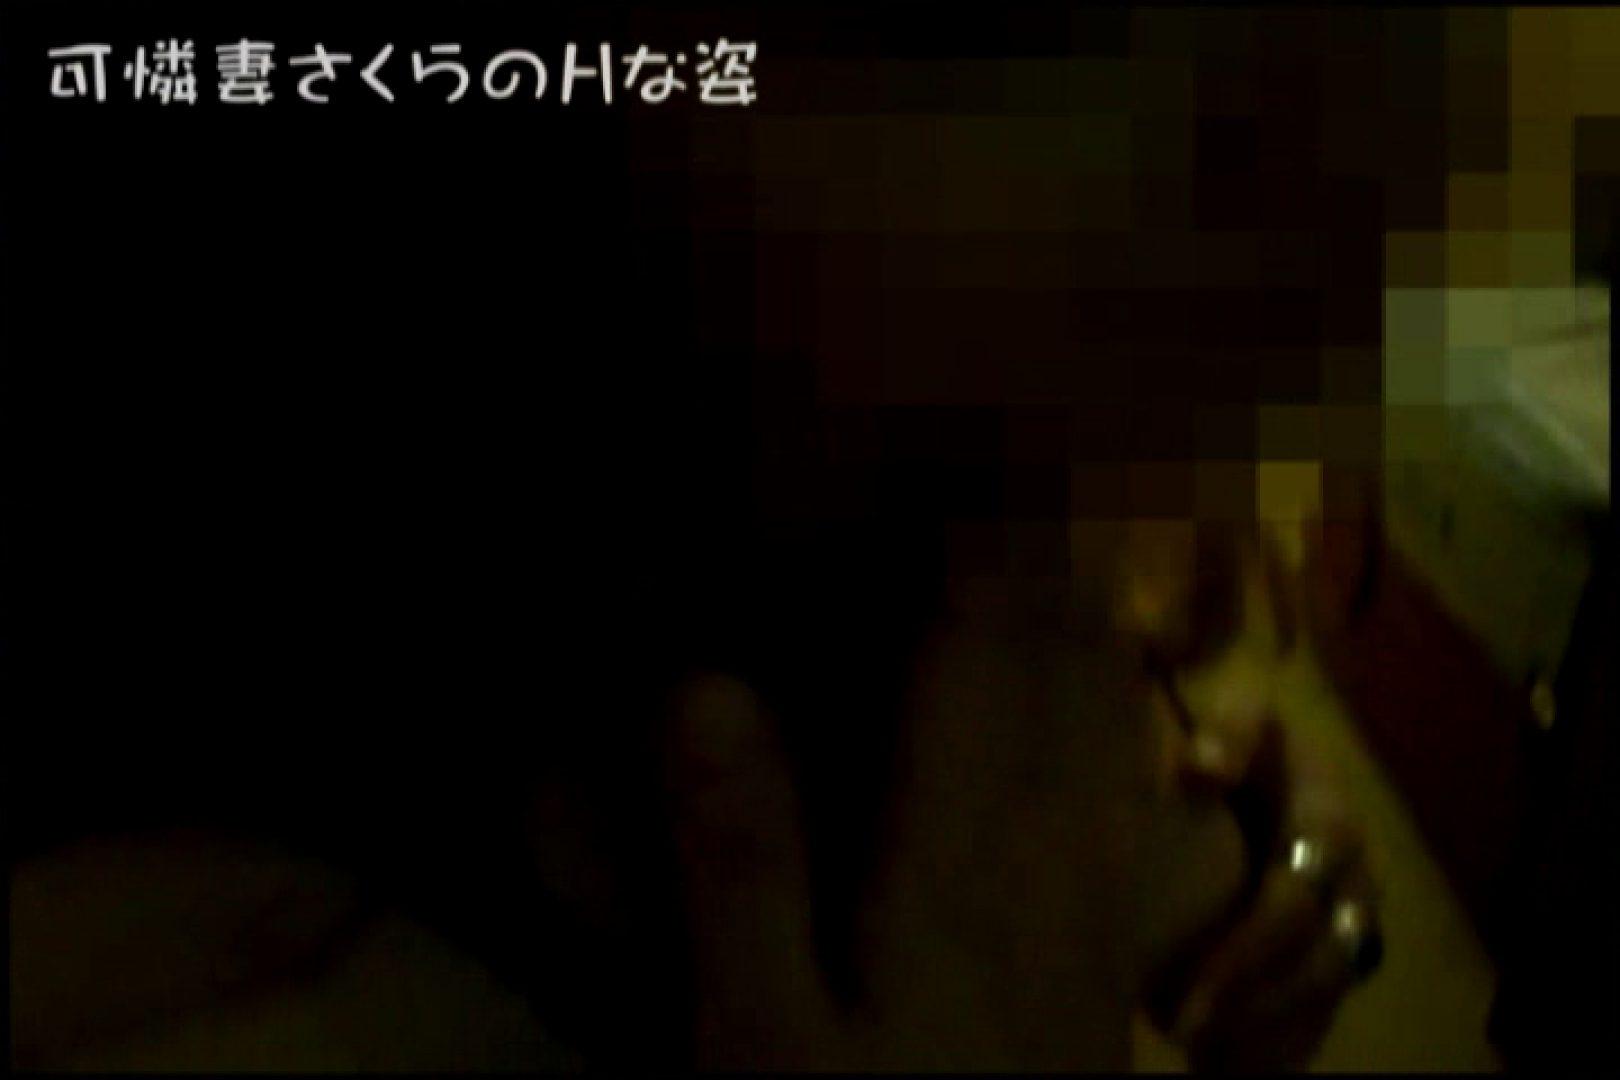 可憐妻さくらのHな姿vol.9前編 セックス映像 ヌード画像 57pic 7